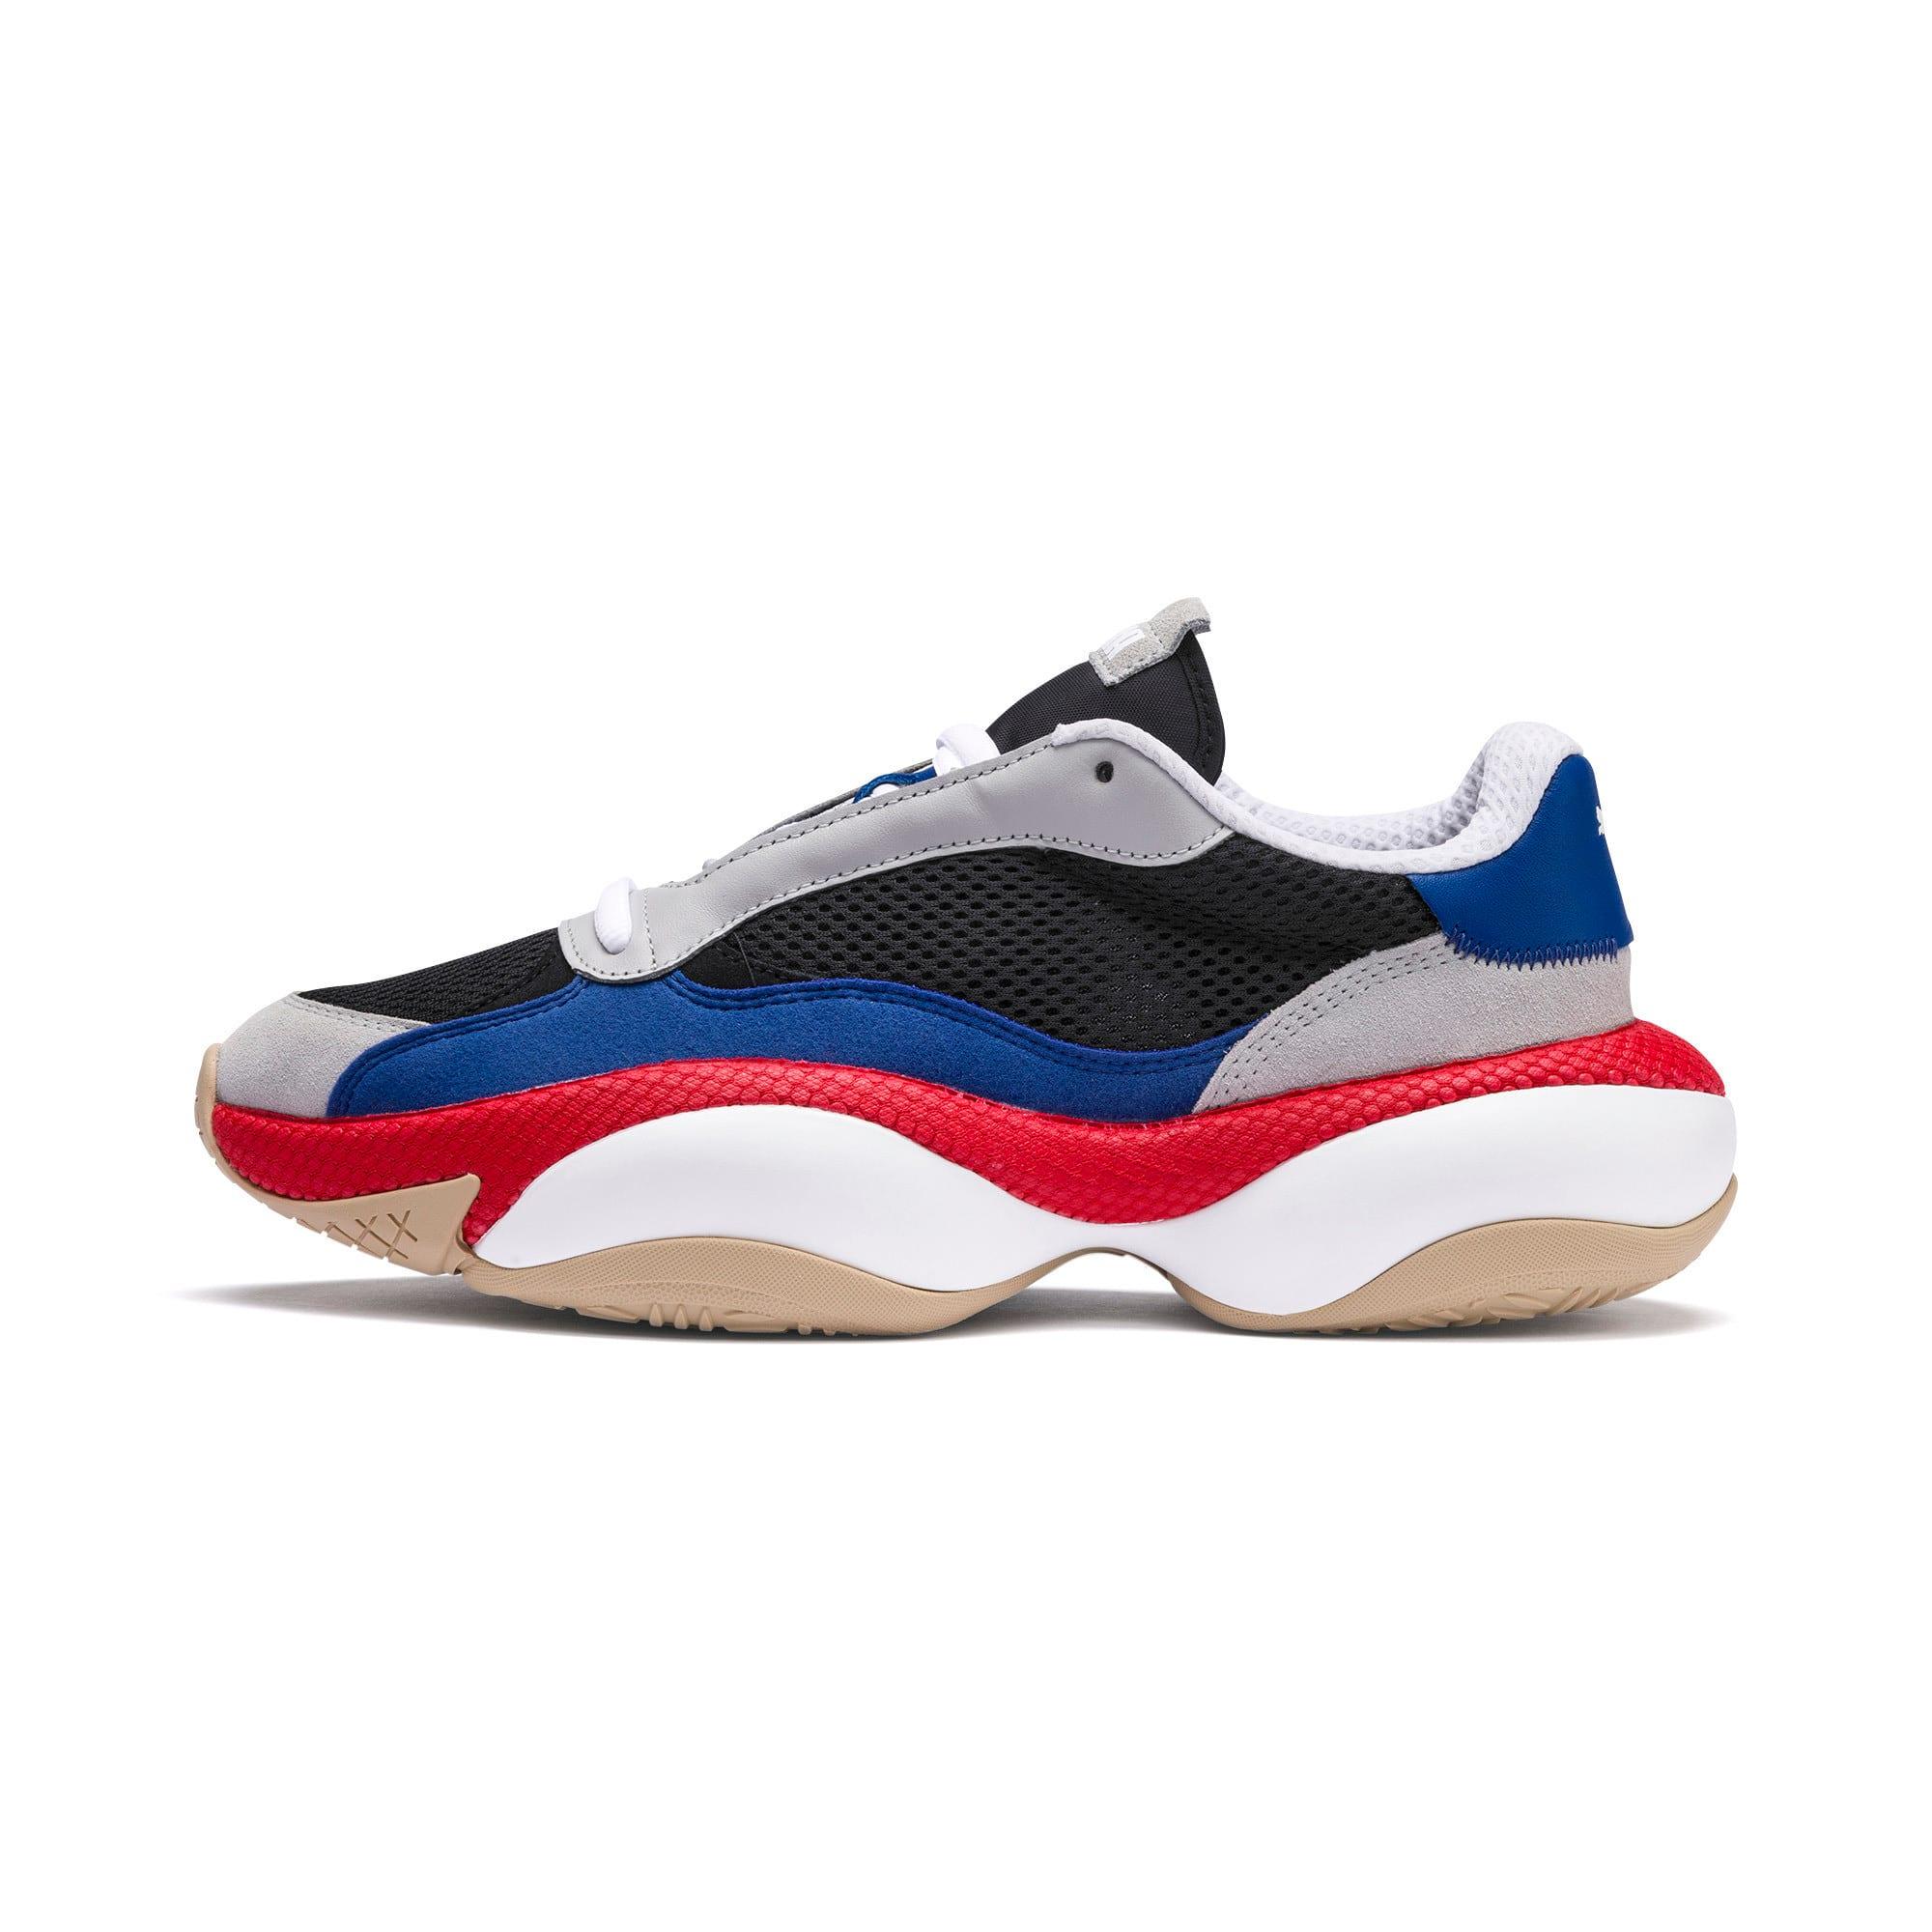 Miniatura 1 de Zapatos deportivos Alteration Kurve, High Rise-Puma Black, mediano